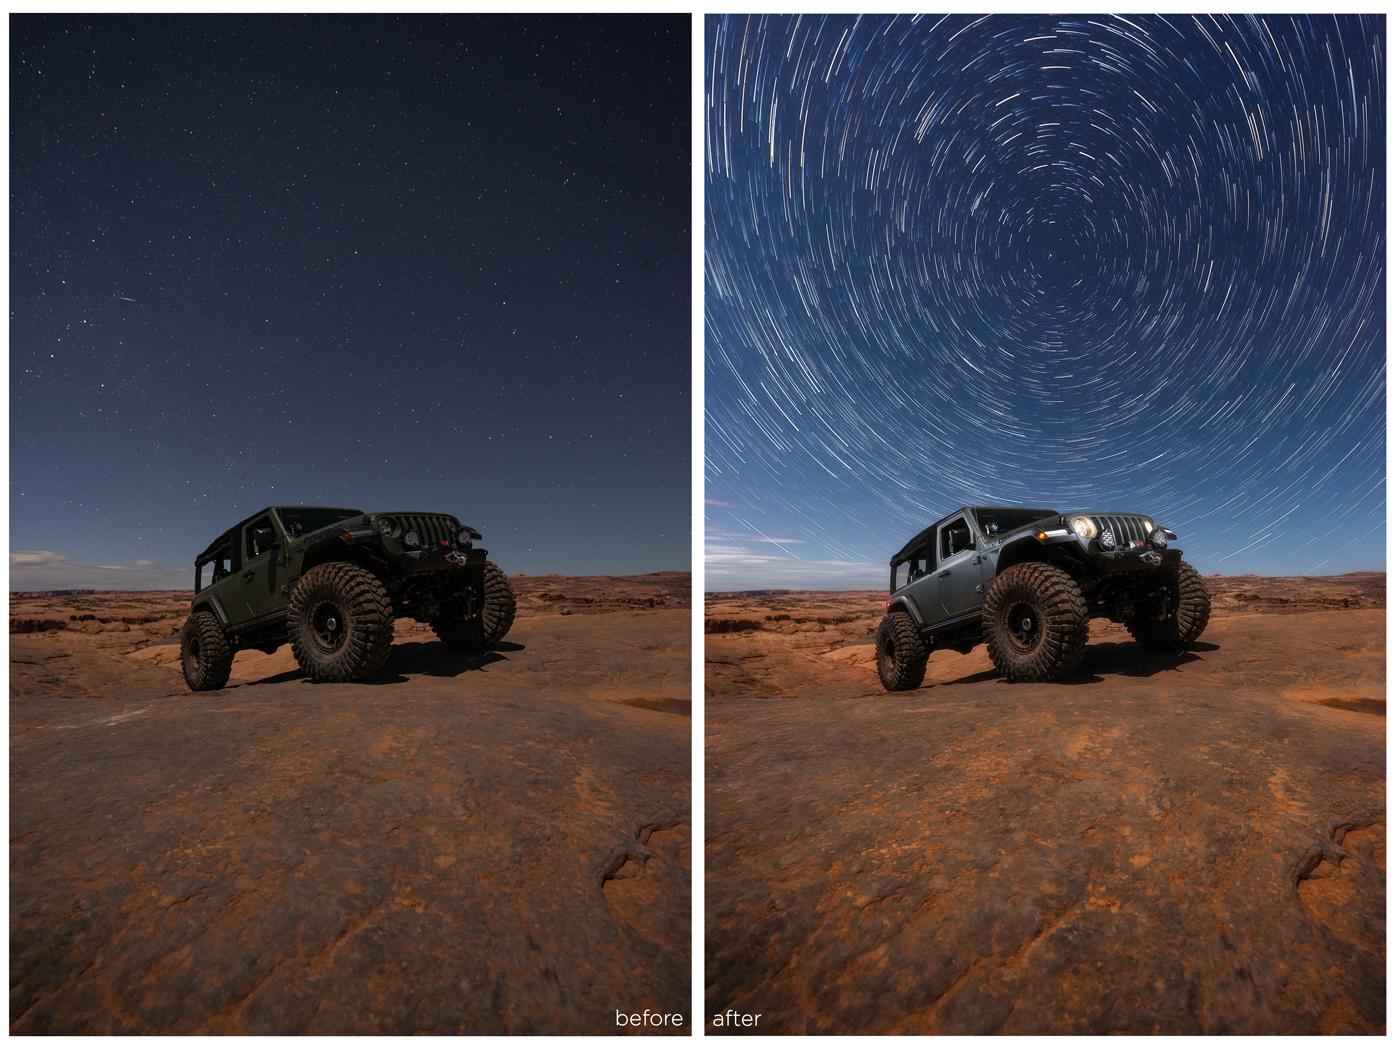 MASTERCLASS-FINAL-before-after.jpg